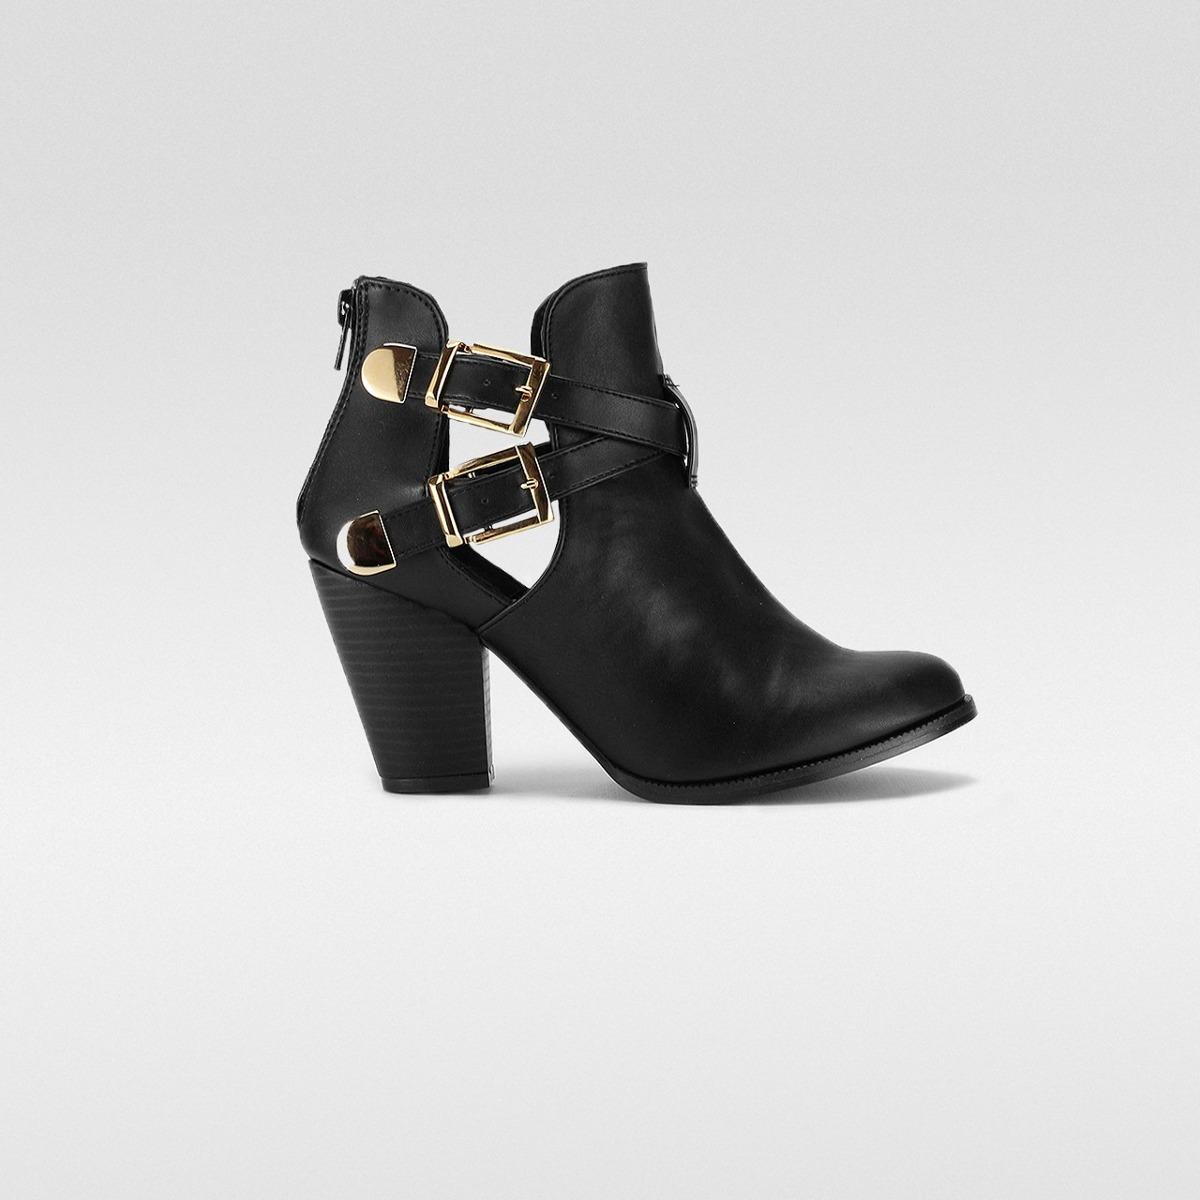 cd42b880181 botin hebilla negro dama mujer bota calzado dorothy gaynor. Cargando zoom.